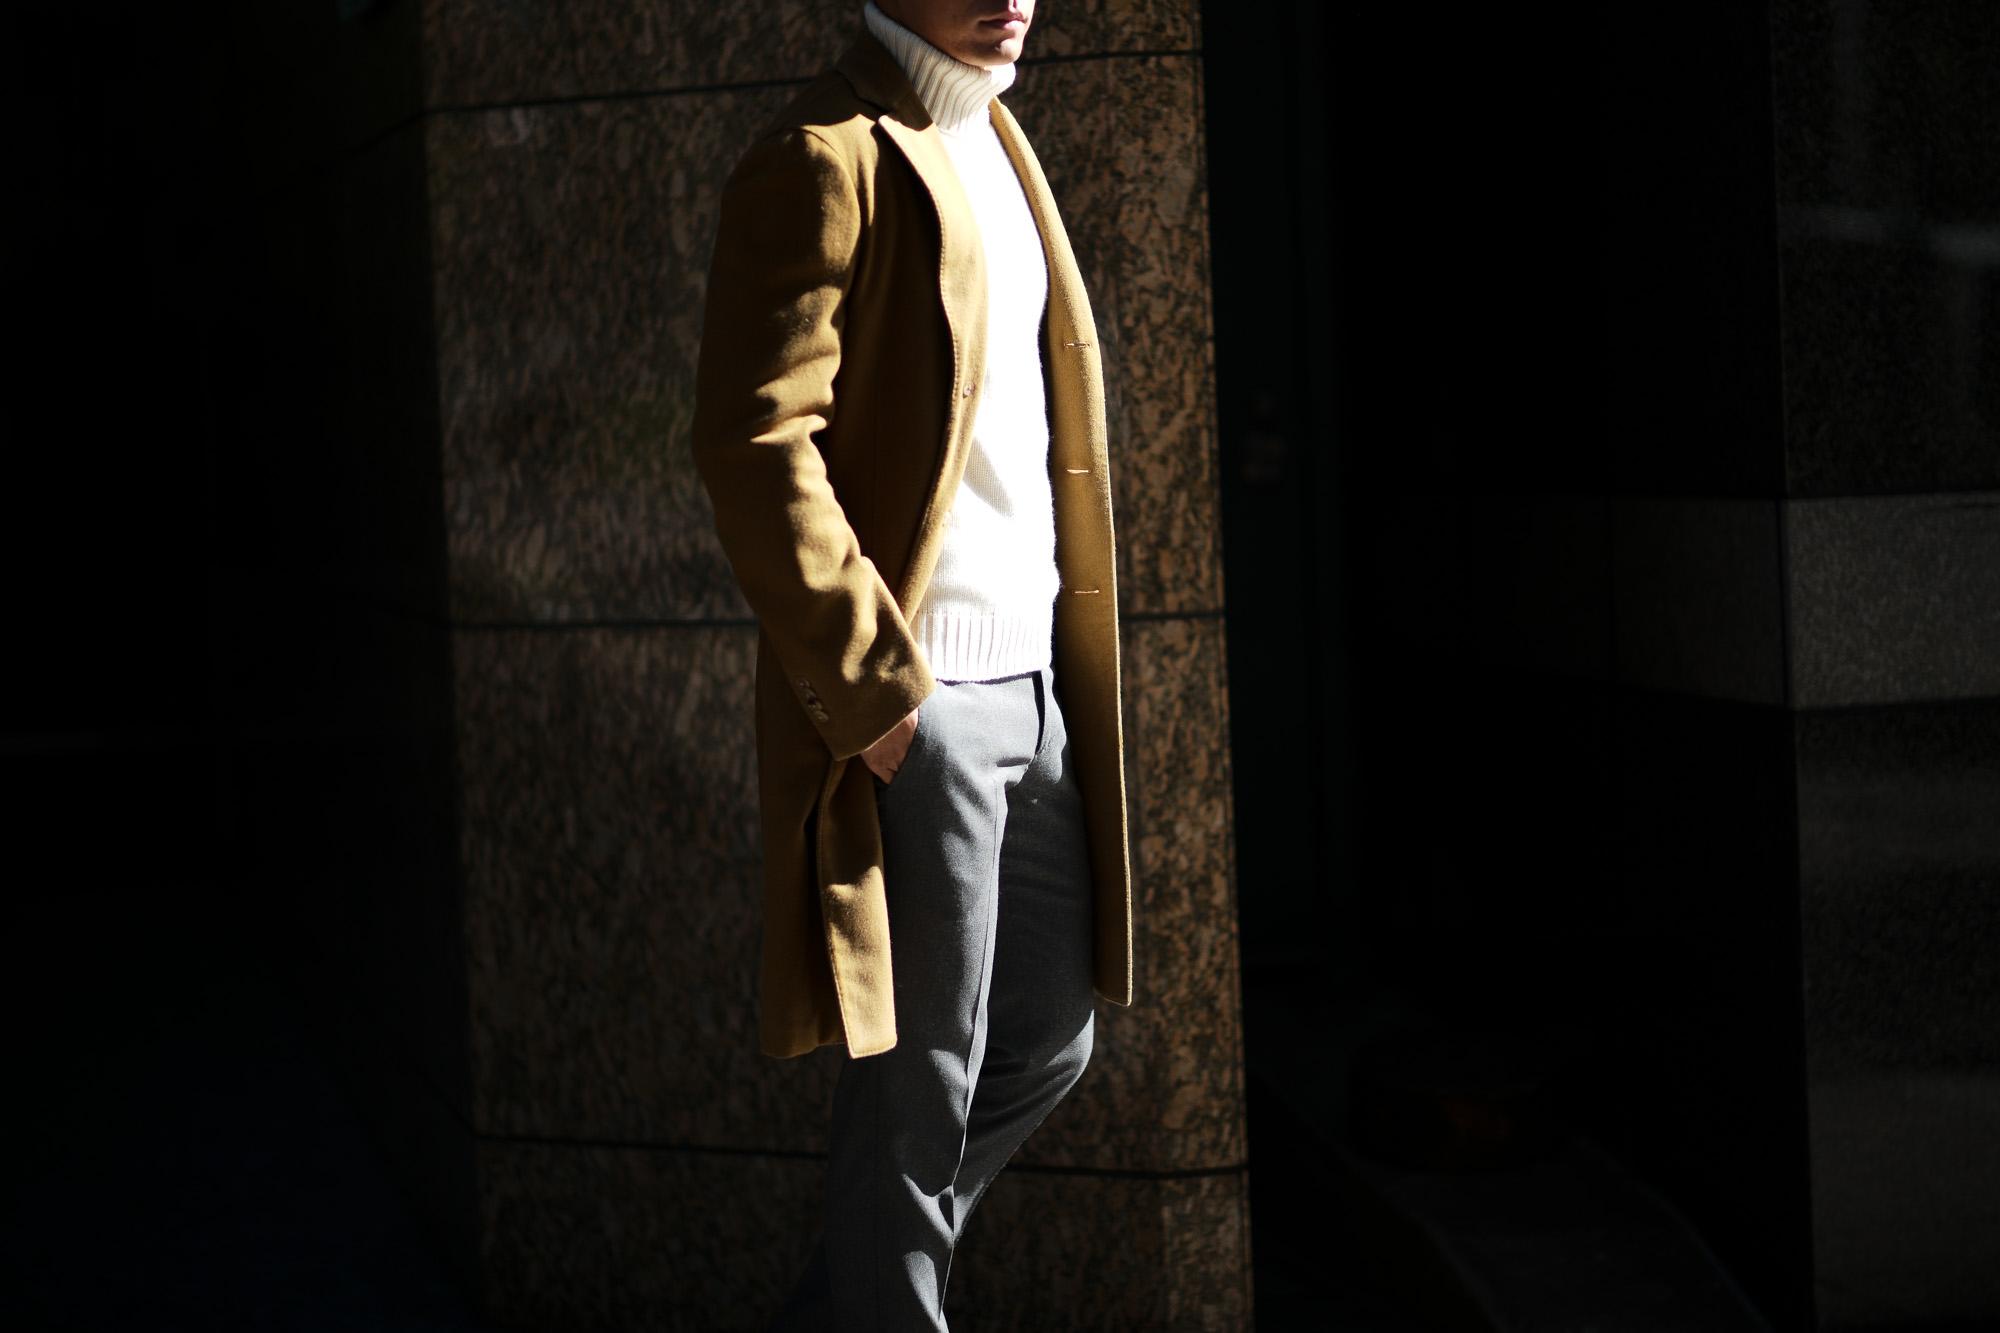 BOGLIOLI MILANO (ボリオリ ミラノ) CHESTER COURT (チェスターコート) フラノウール生地 シングル チェスターコート BEIGE (ベージュ・34) Made in italy (イタリア製) 2018 秋冬新作 boglioli 愛知 名古屋 alto e diritto アルトエデリット